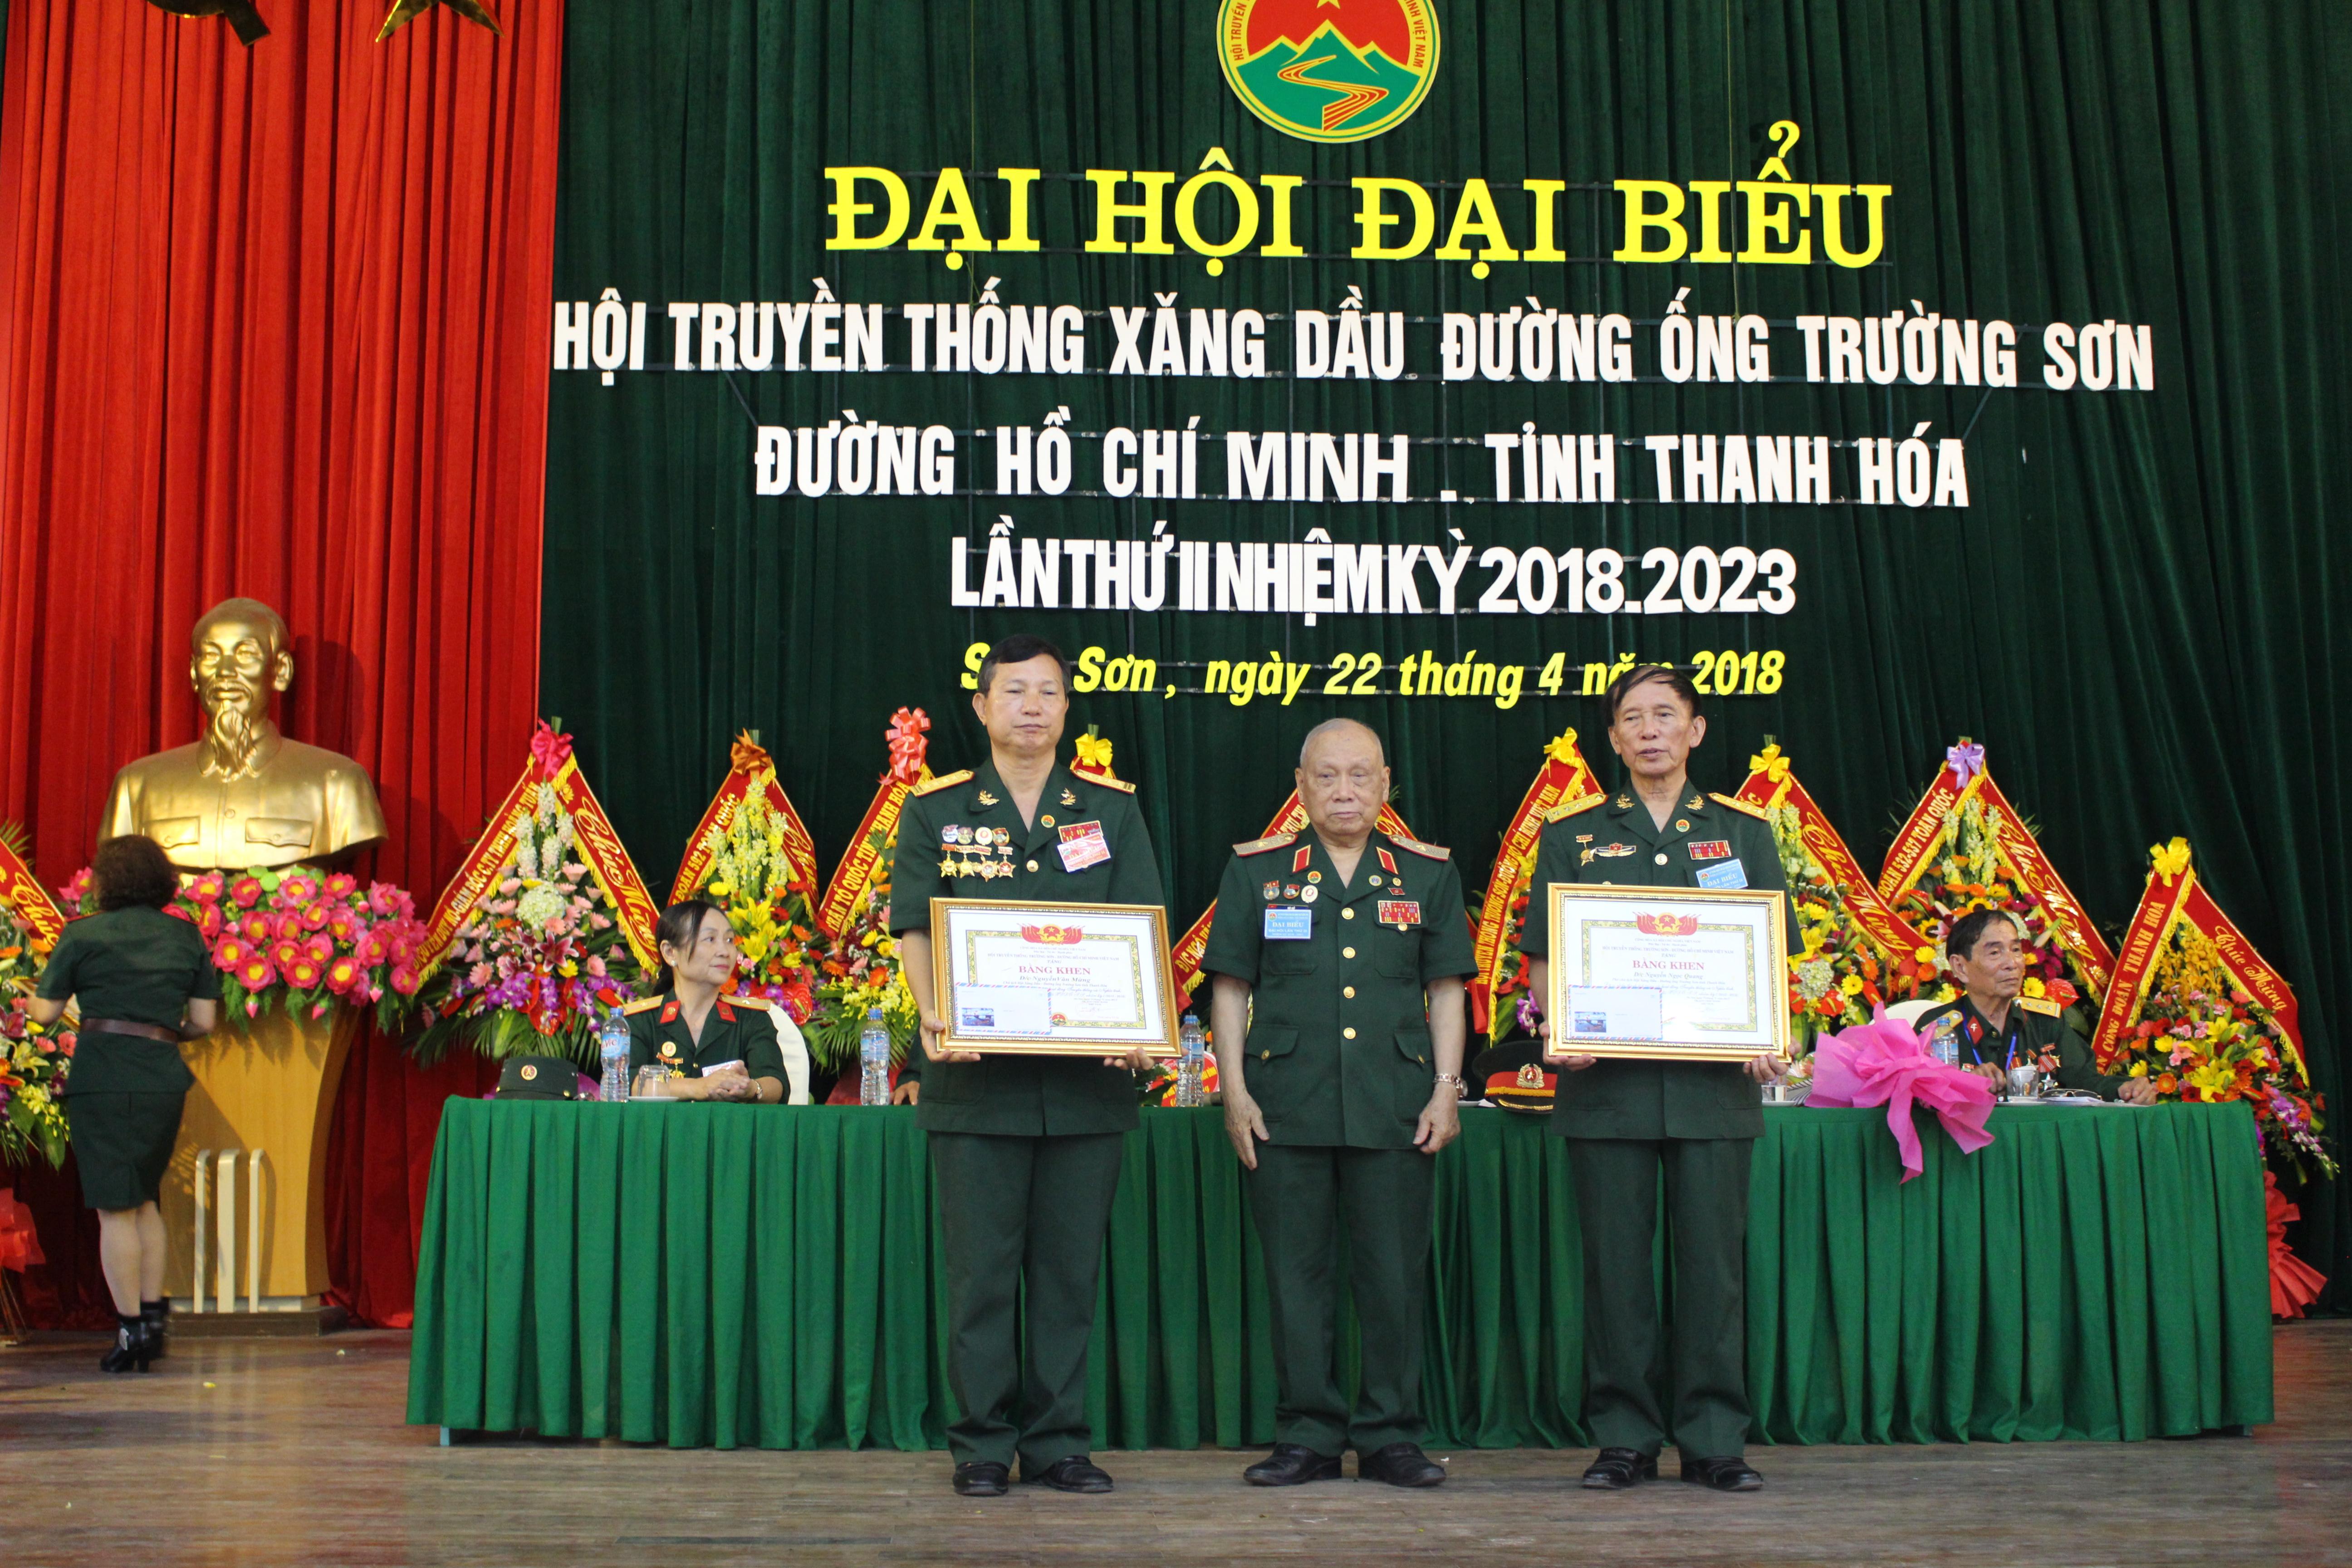 Đại hội đại biểu Hội xăng dầu đường ống Trường Sơn tỉnh Thanh Hóa lần thứ II nhiệm kỳ 2018 - 2023